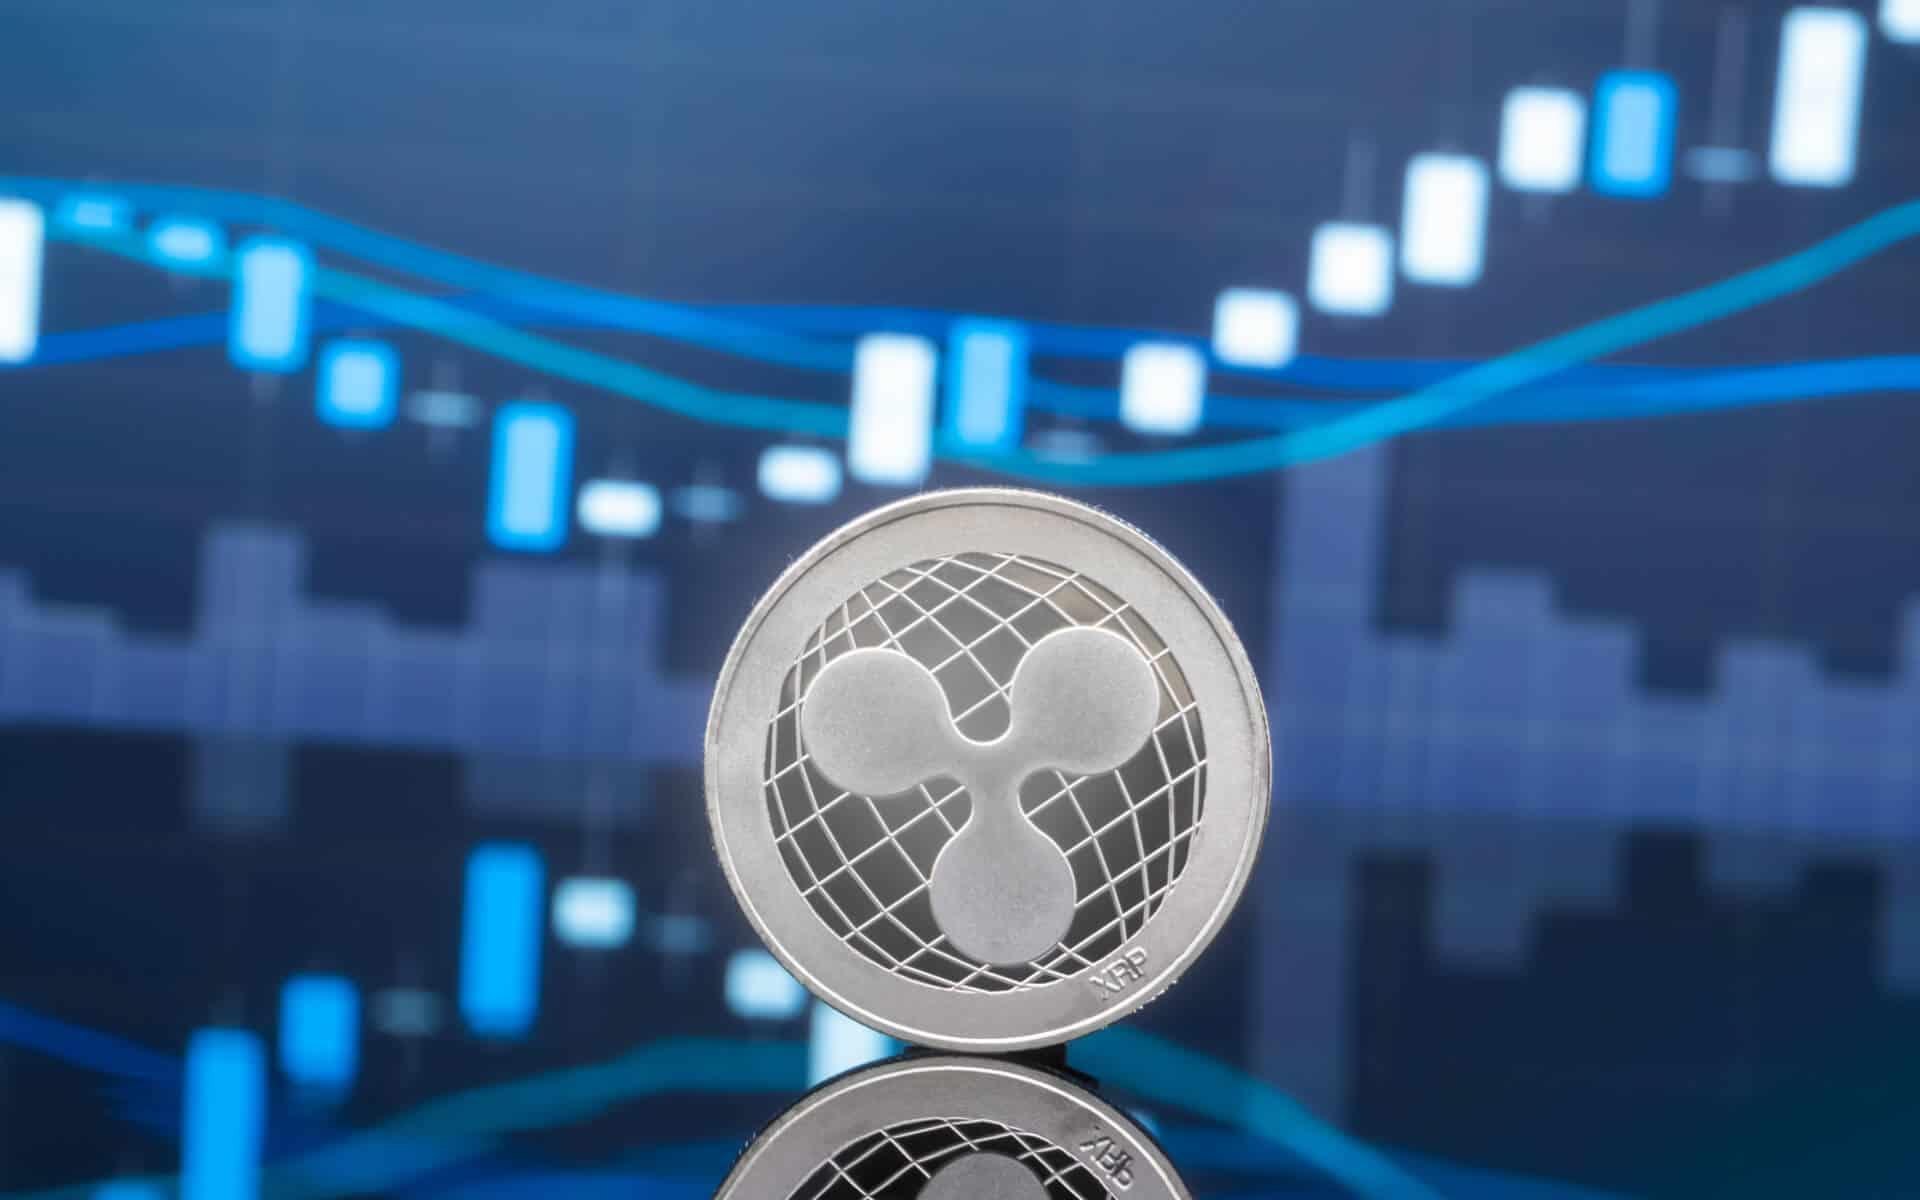 Monero coin price prediction